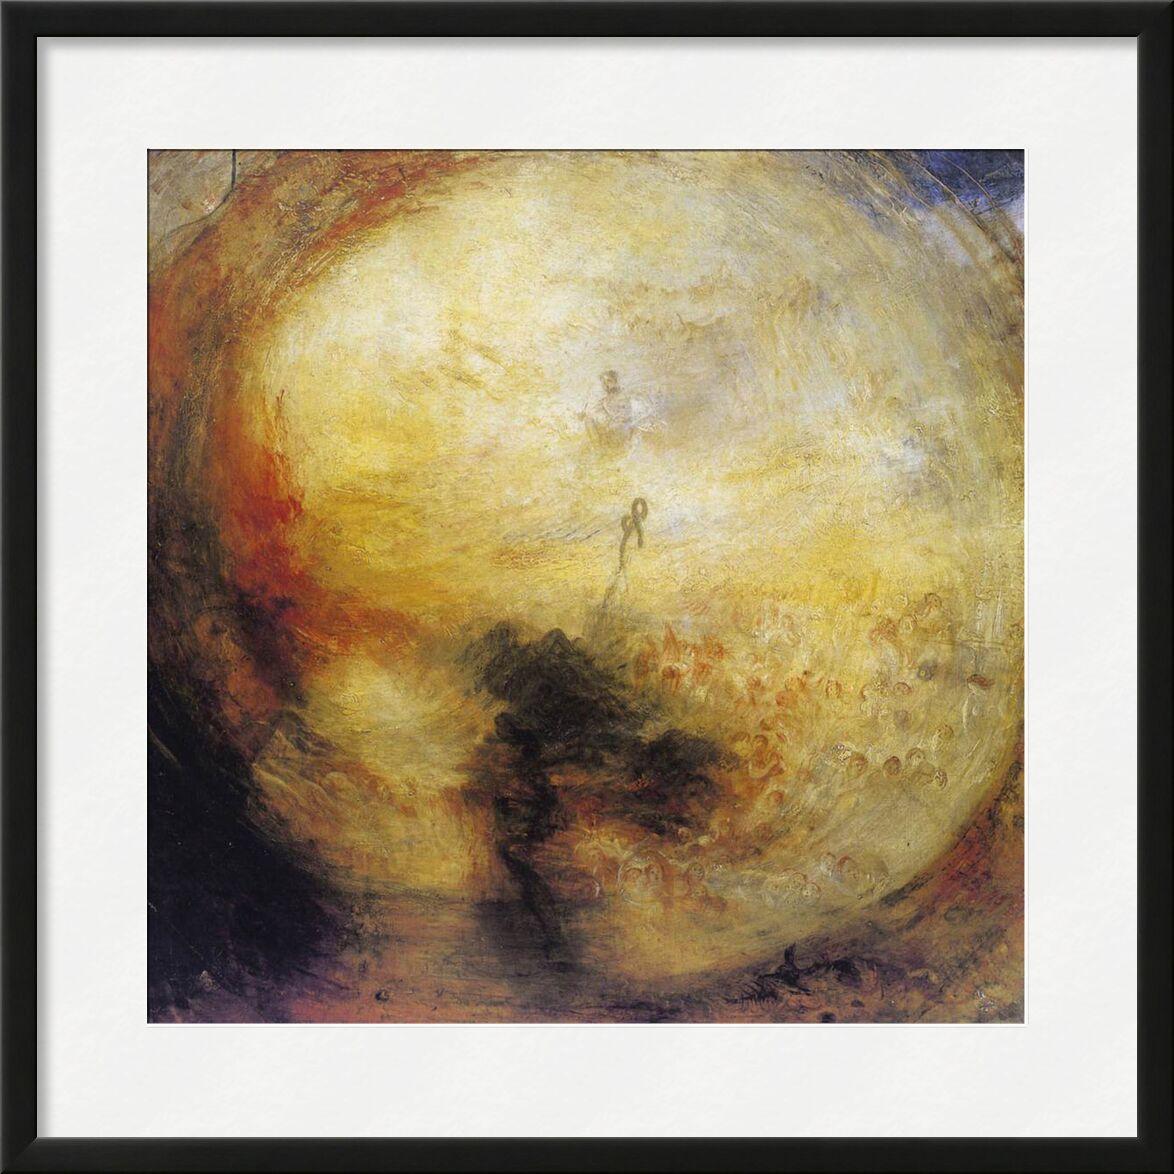 The Morning after the Deluge - WILLIAM TURNER 1843 von AUX BEAUX-ARTS, Prodi Art, Malerei, WILLIAM TURNER, Gott, Sturm, Tod, Regenguss, Seele, Leben, Apokalypse, Offenbarung, Urteil zuletzt